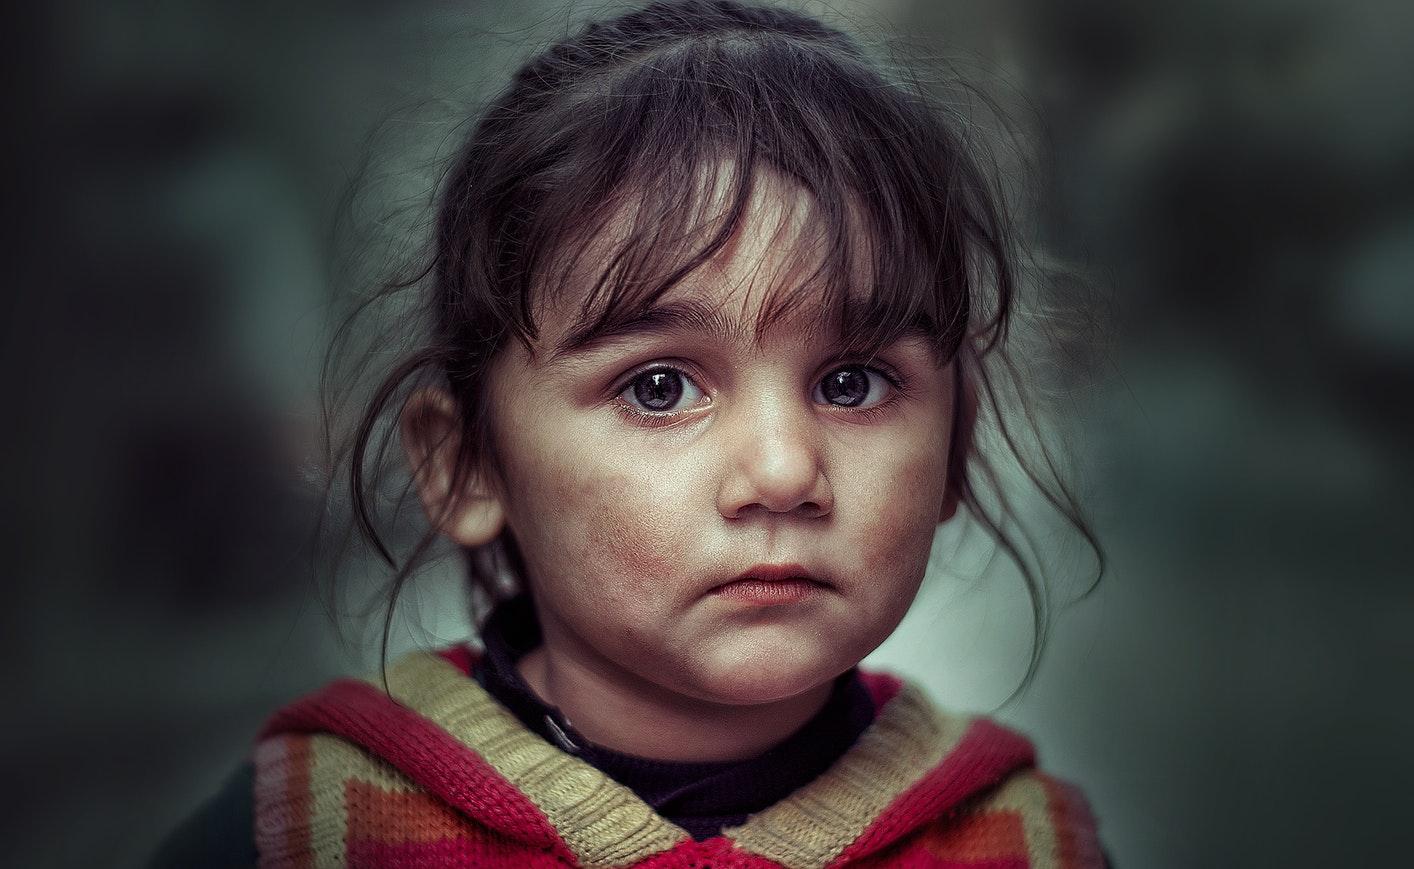 sad children 3